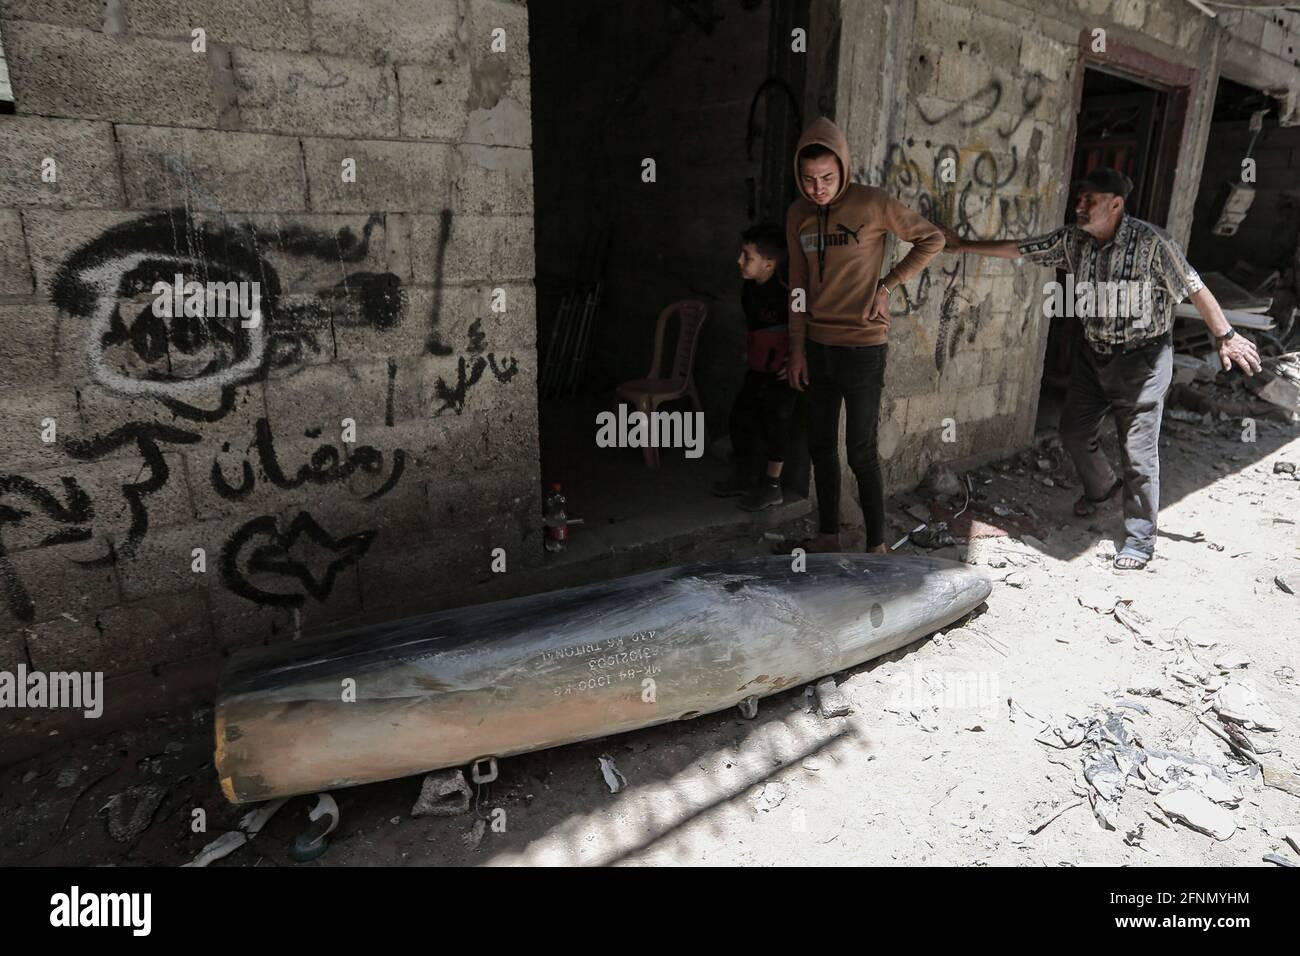 Gaza-Stadt, Palästinensische Gebiete. Mai 2021. Palästinenser inspizieren eine nicht explodierte Bombe, die von einem israelischen F-16-Kampfflugzeug in der Nachbarschaft von Rimal abgeworfen wurde, inmitten des eskalierenden Ausflackers der israelisch-palästinensischen Gewalt. Kredit: Mohammed Talatene/dpa/Alamy Live Nachrichten Stockfoto